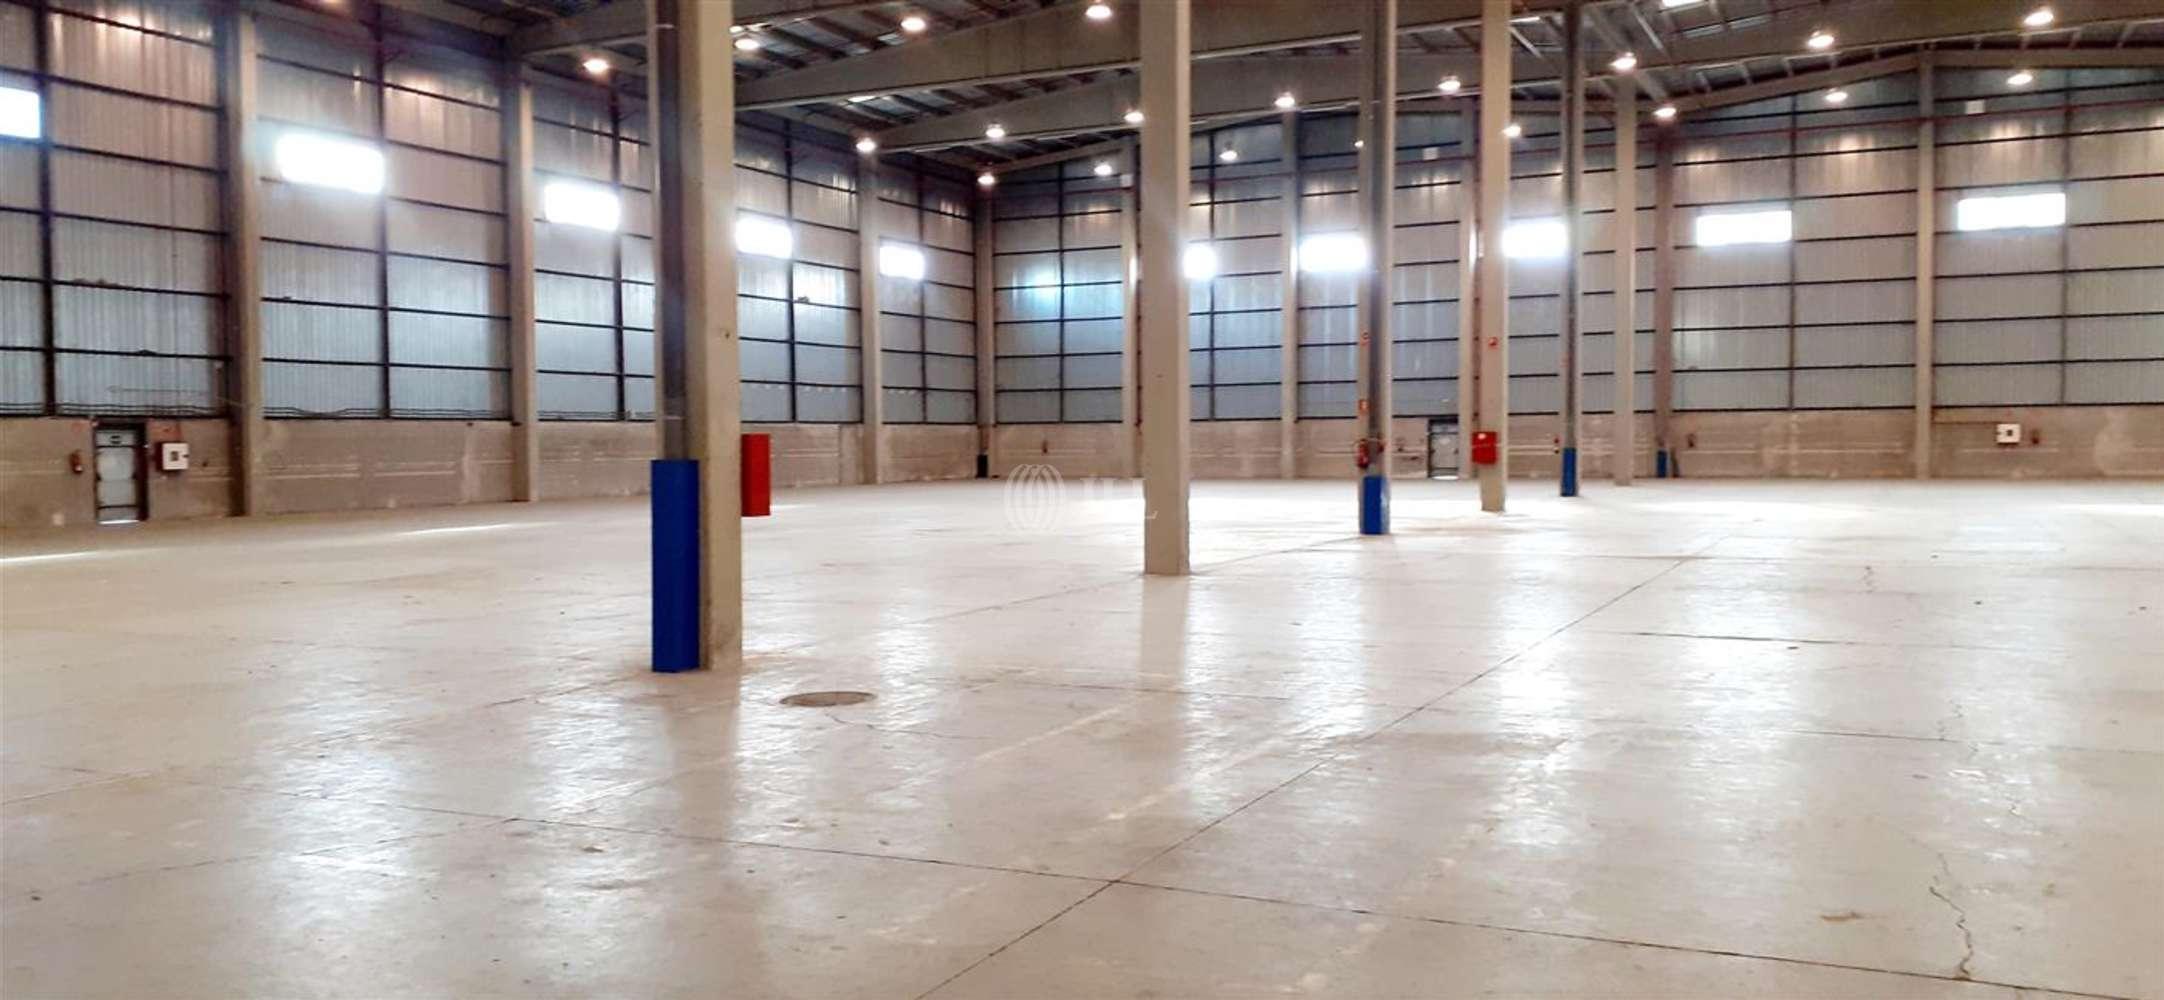 Naves industriales y logísticas Coslada, 28821 - Nave Logistica - M0396 NAVE LOGISTICA EN ALQUILER CTC COSLADA - 24239